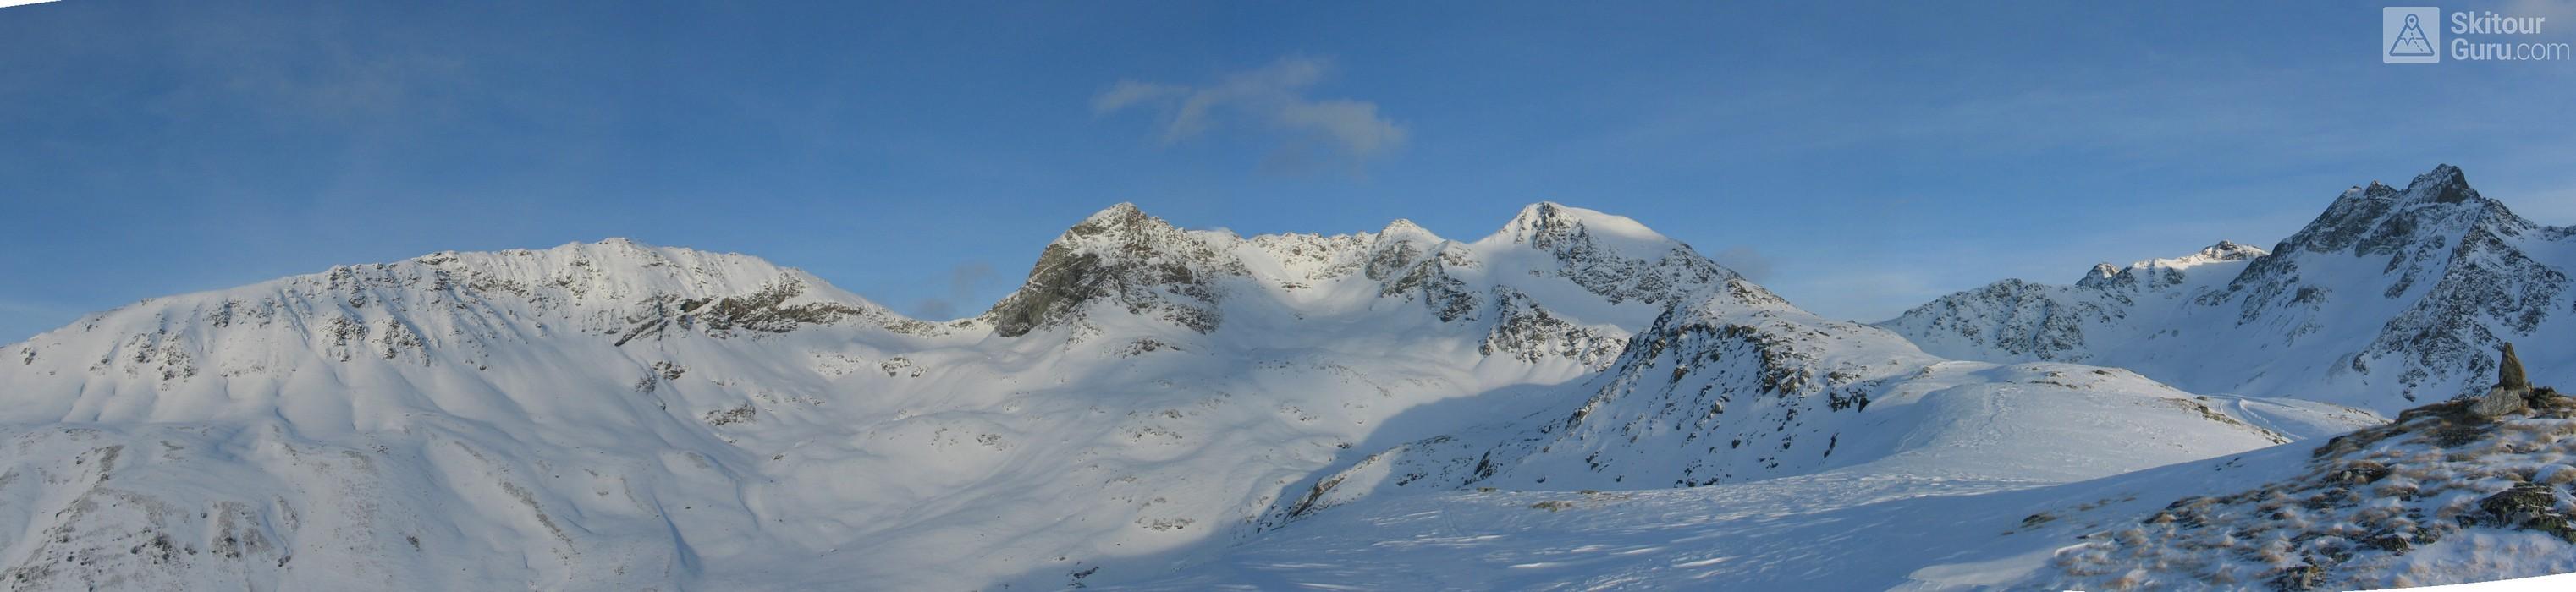 Muottas Muragl - Romantik Hotel Albula Alpen Schweiz panorama 19